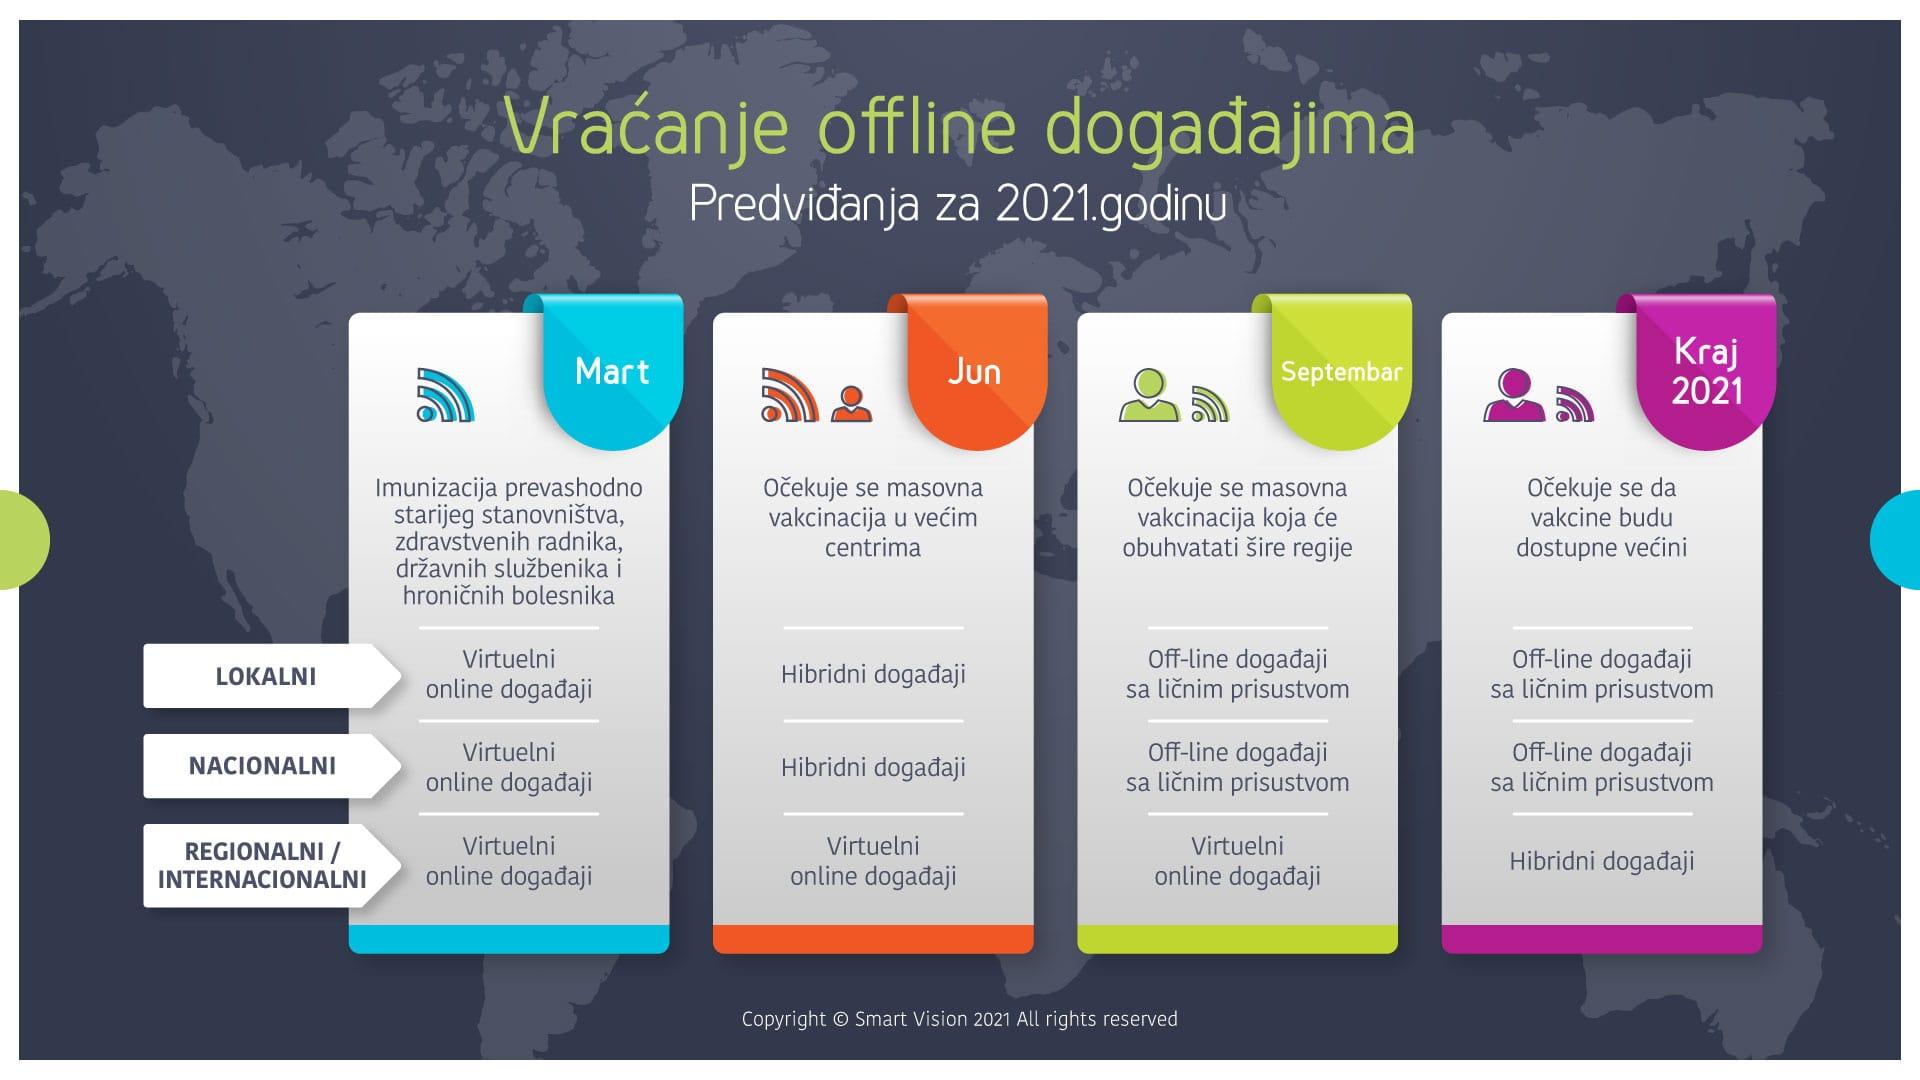 Smart Vison blog - Vraćanje offline događajima